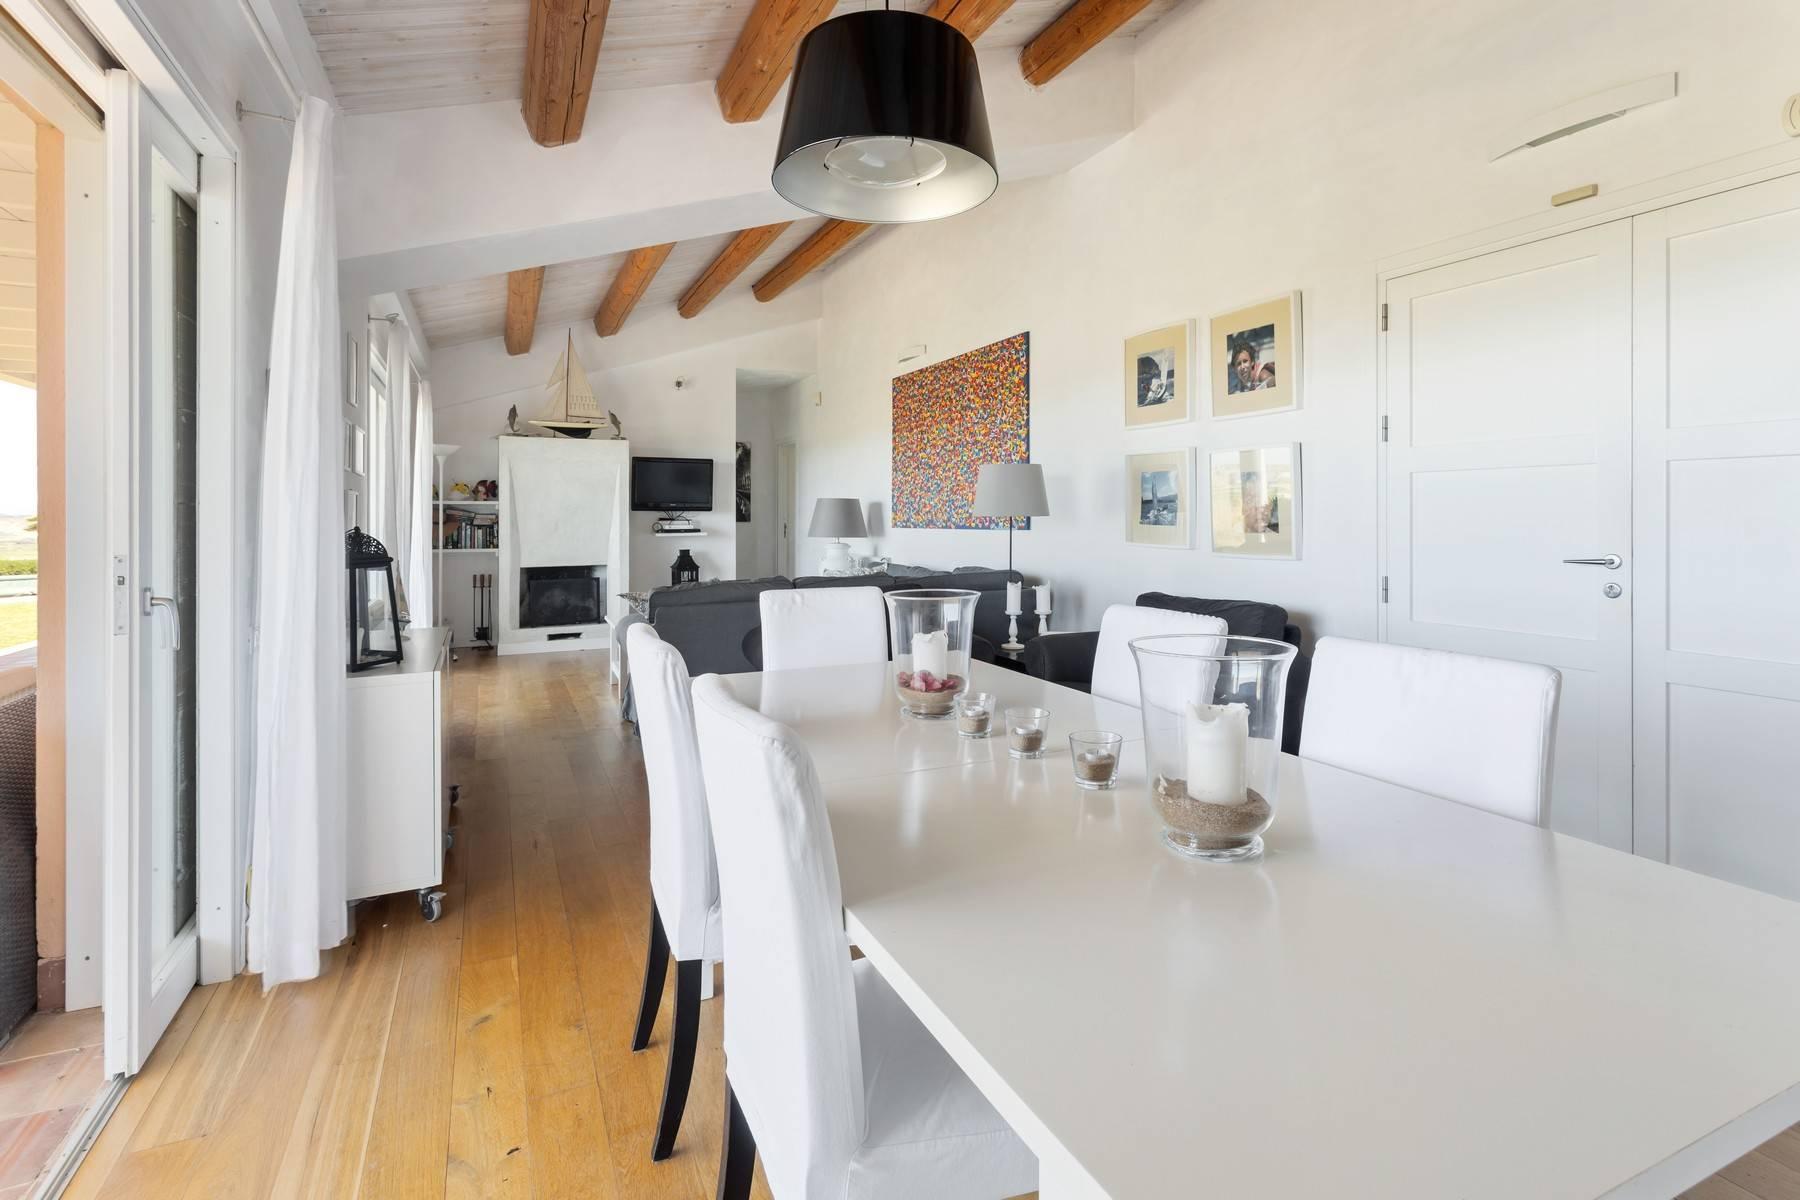 Villa in Vendita a Castelvetrano: 5 locali, 180 mq - Foto 2